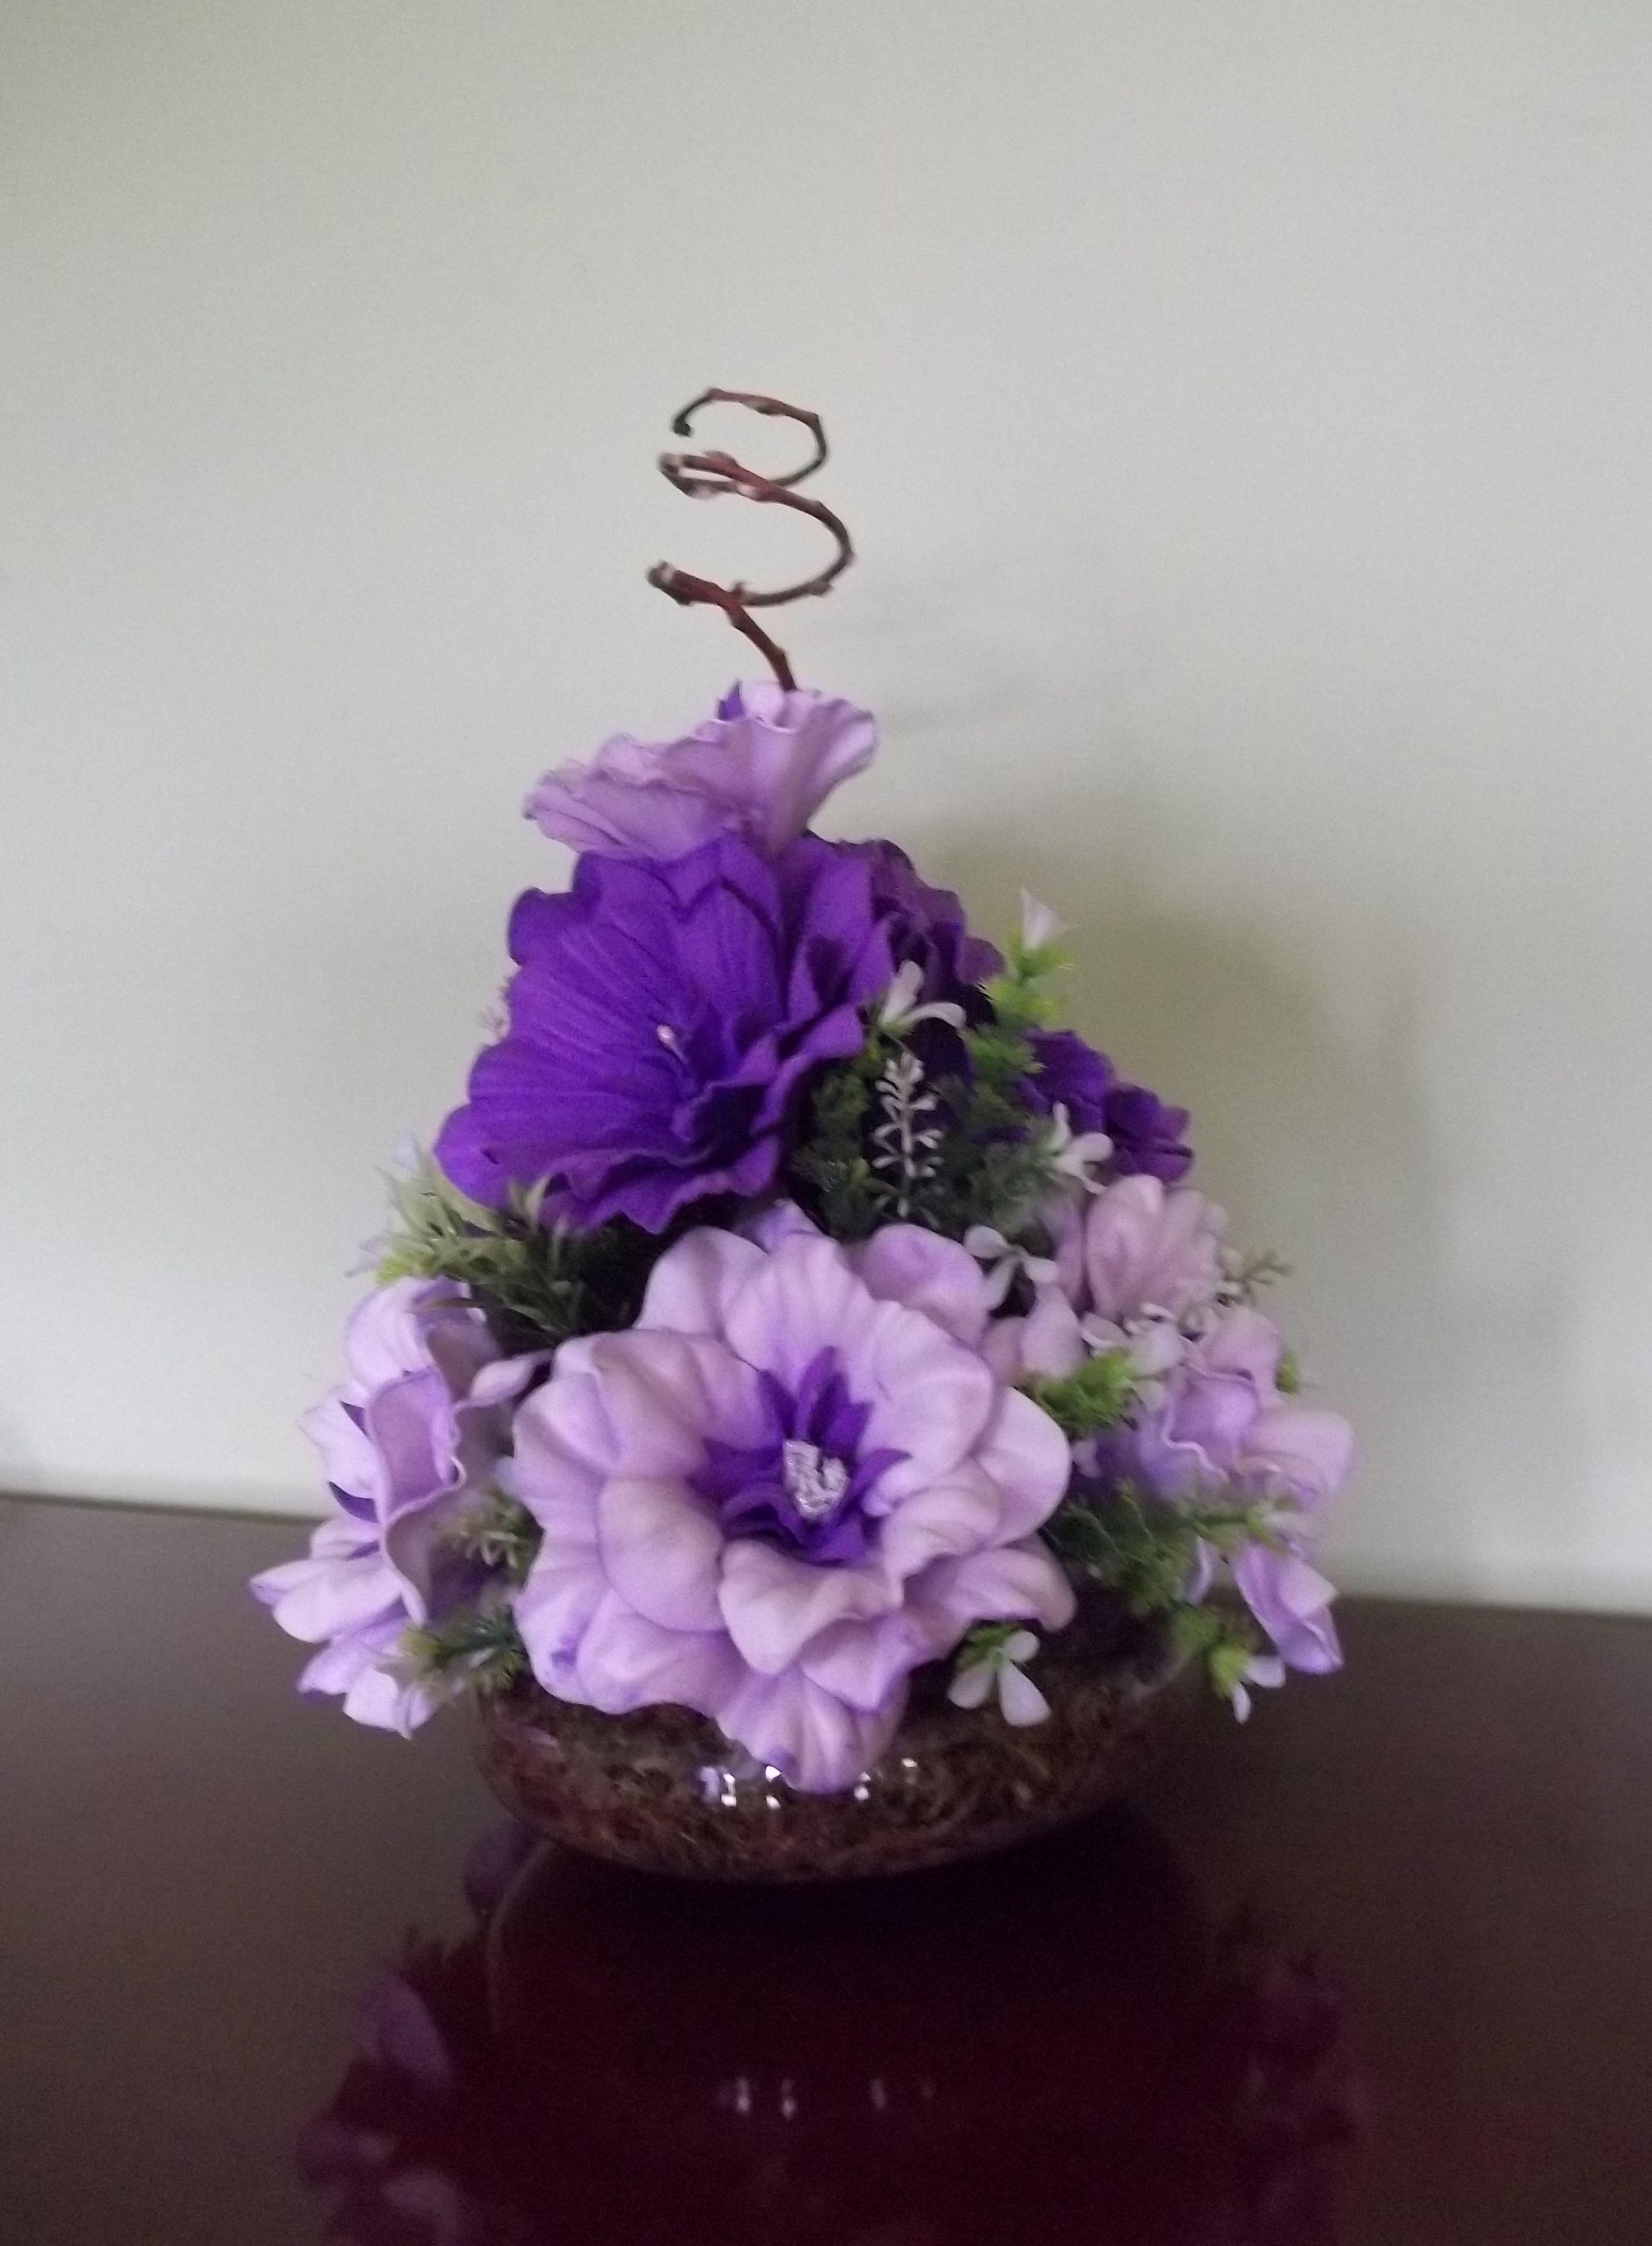 Arranjos De Flores Para Casamento Tulipas Pictures to pin on Pinterest